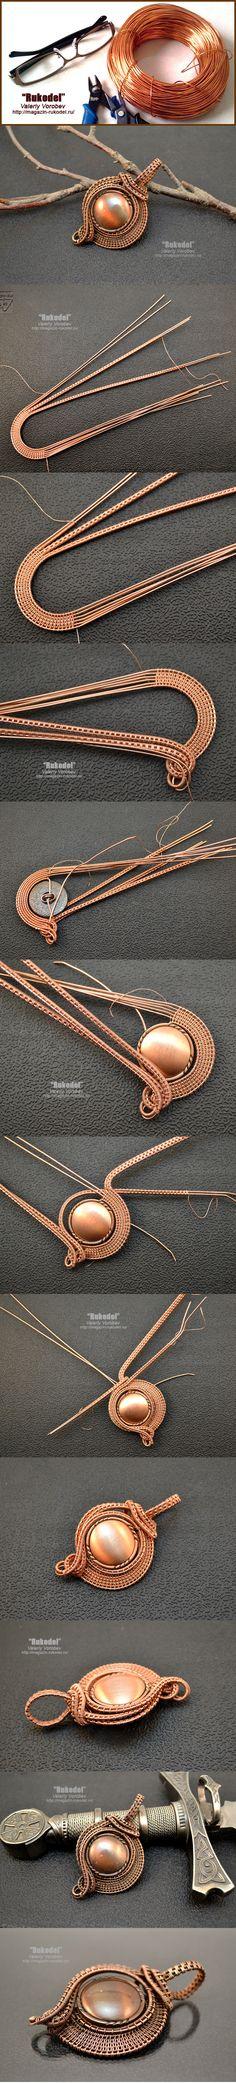 Подвеска из проволоки в технике Wire Wrapping | Рукодел